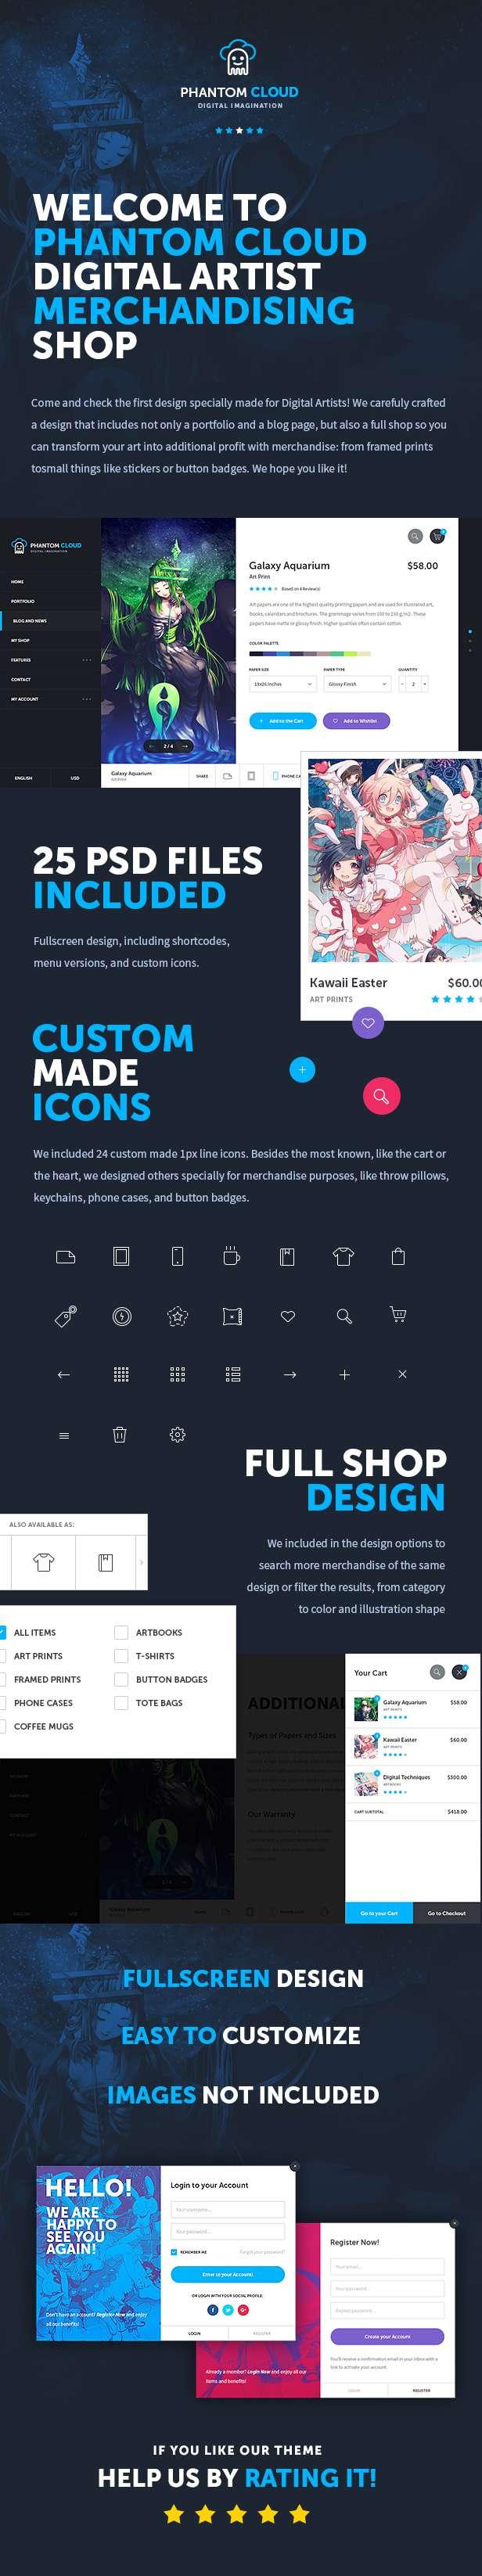 Phantom Cloud - Digital Artist Merchandising Shop PSD Template - 6